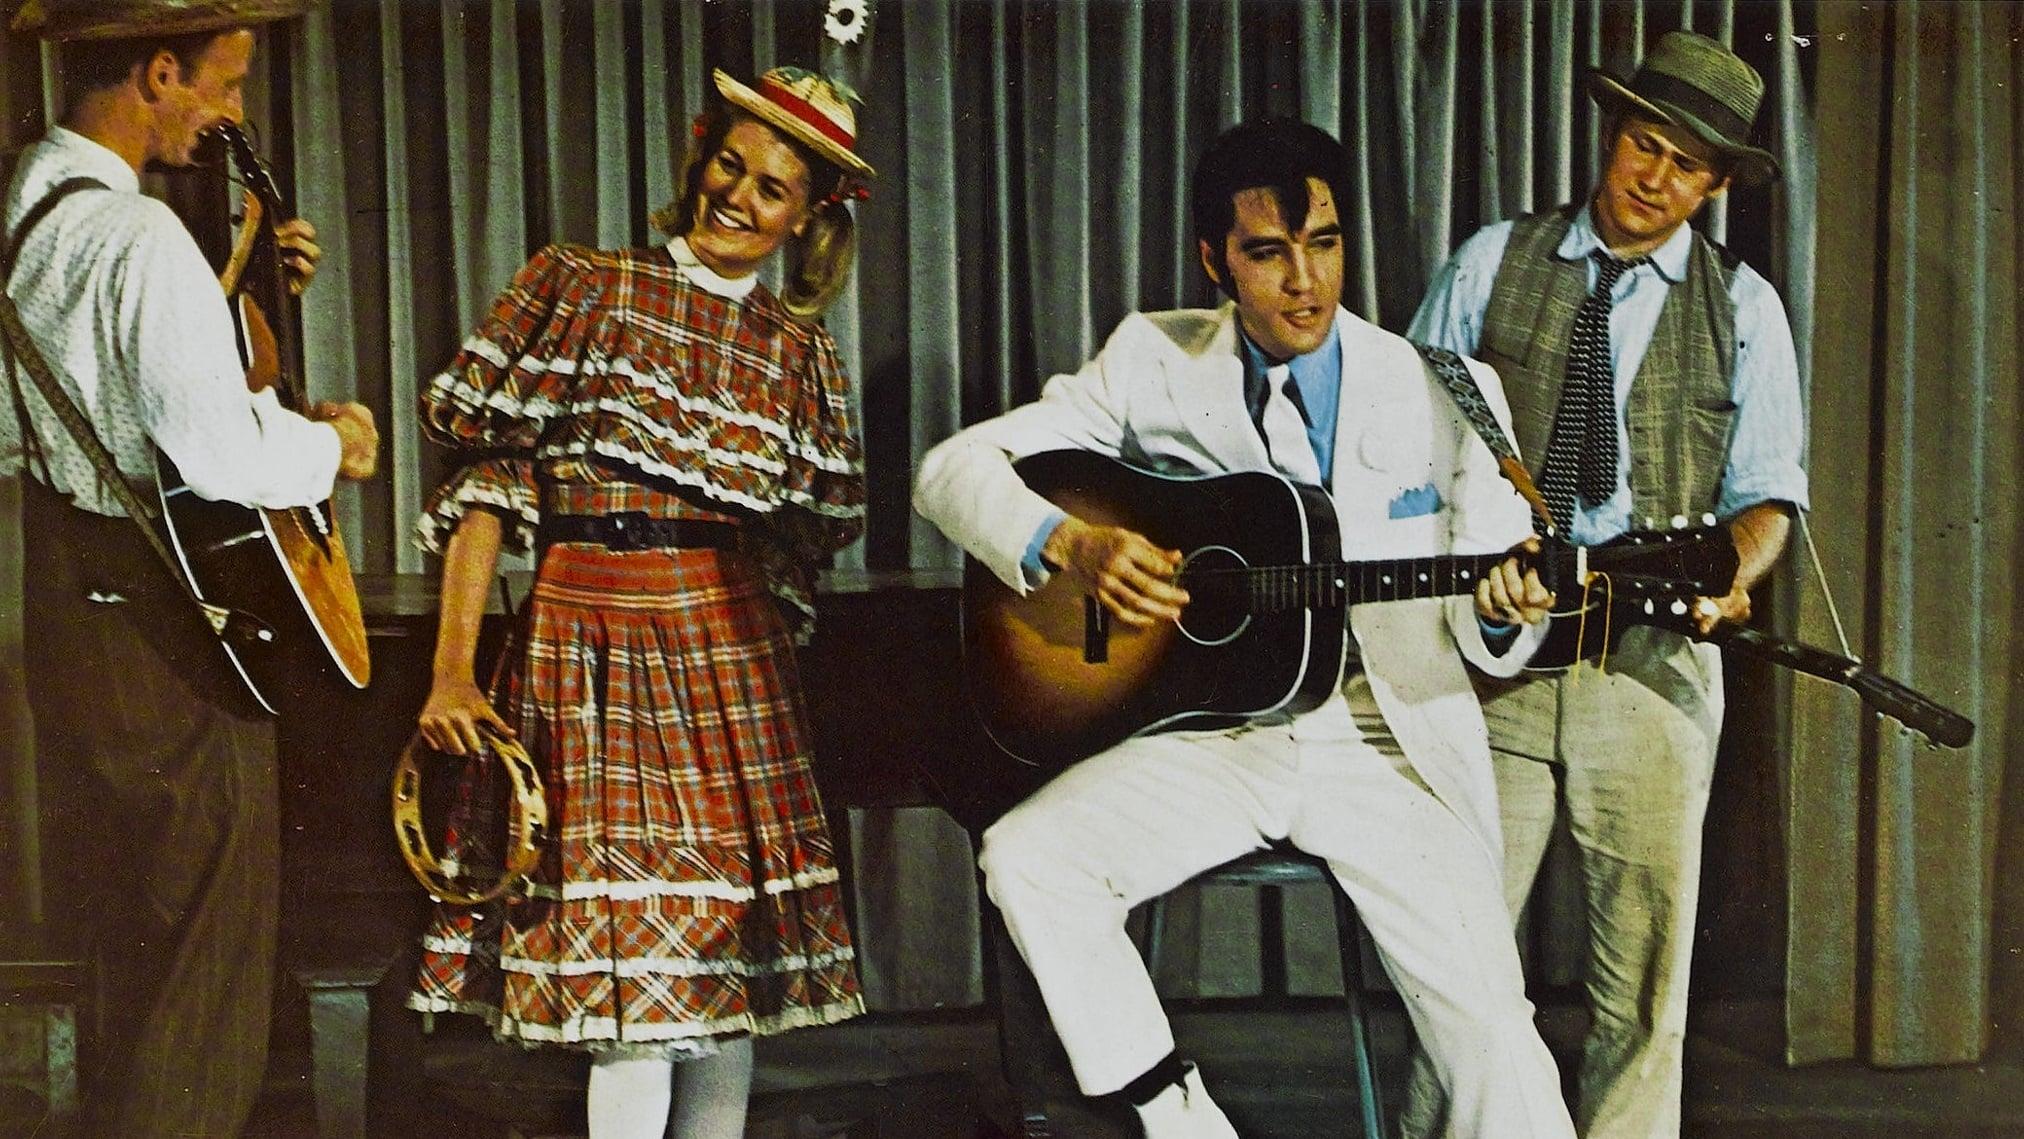 Filles et show business (1969)